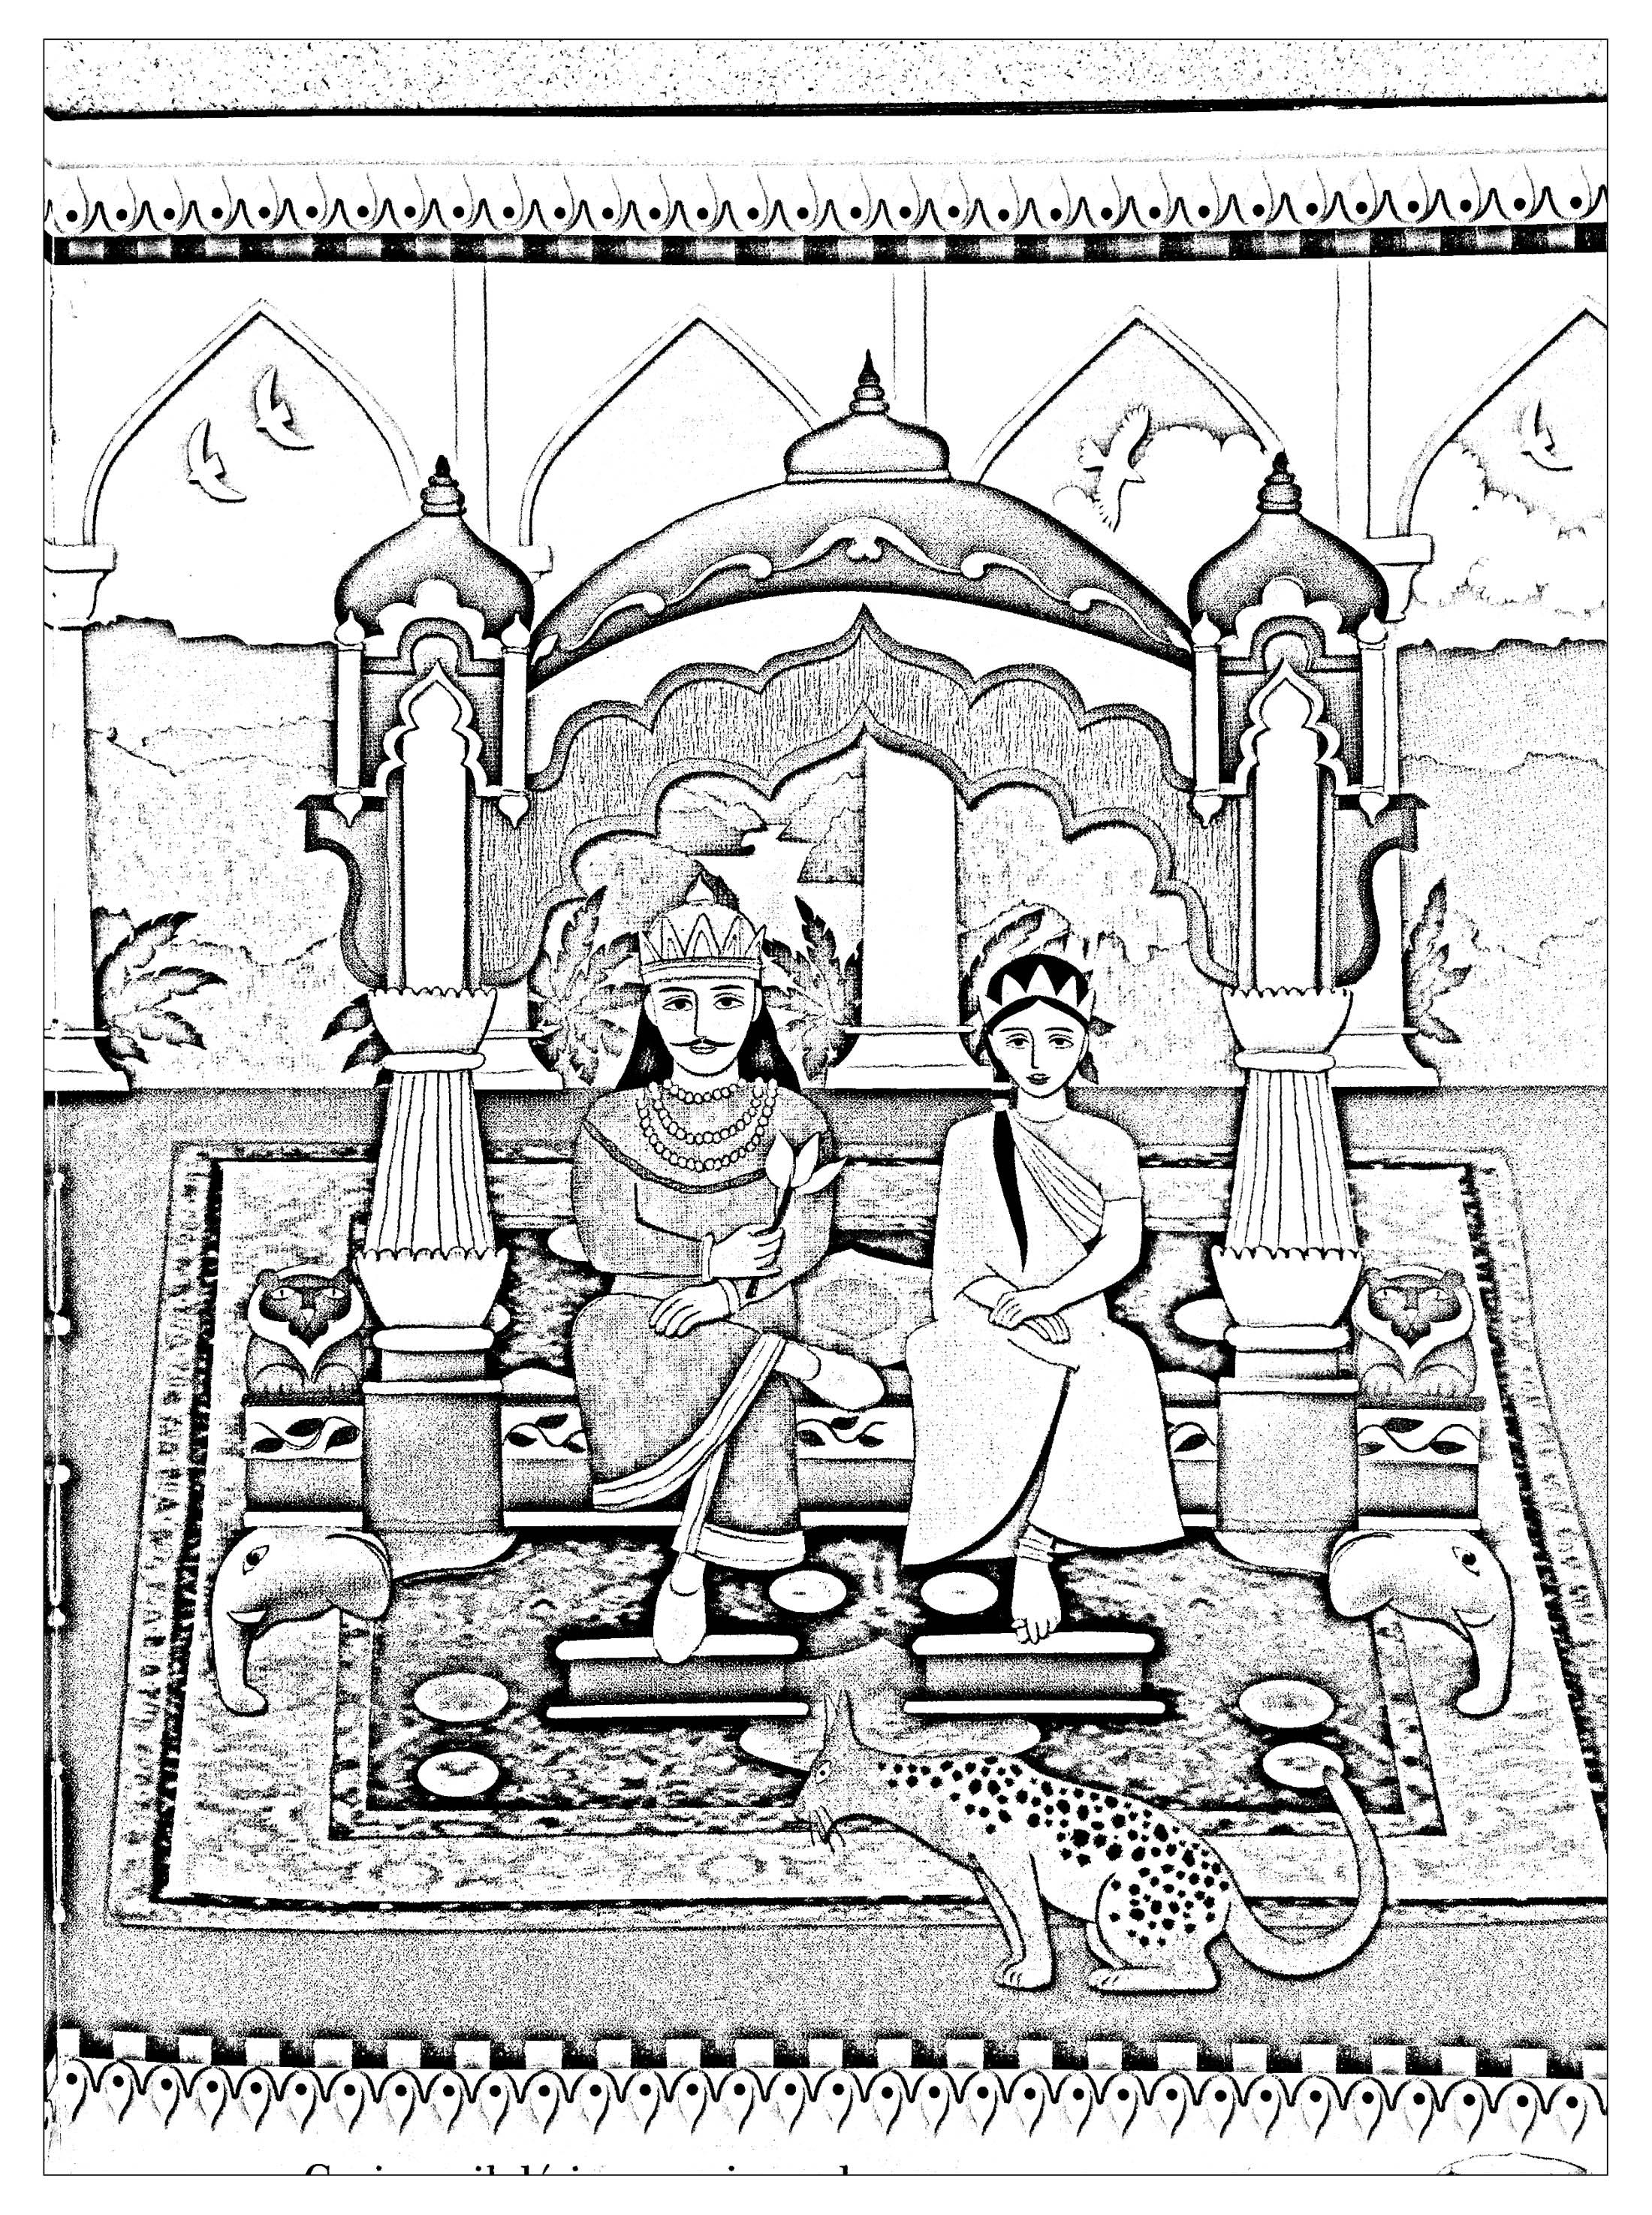 Disegni da colorare per adulti : India e bollywood - 25